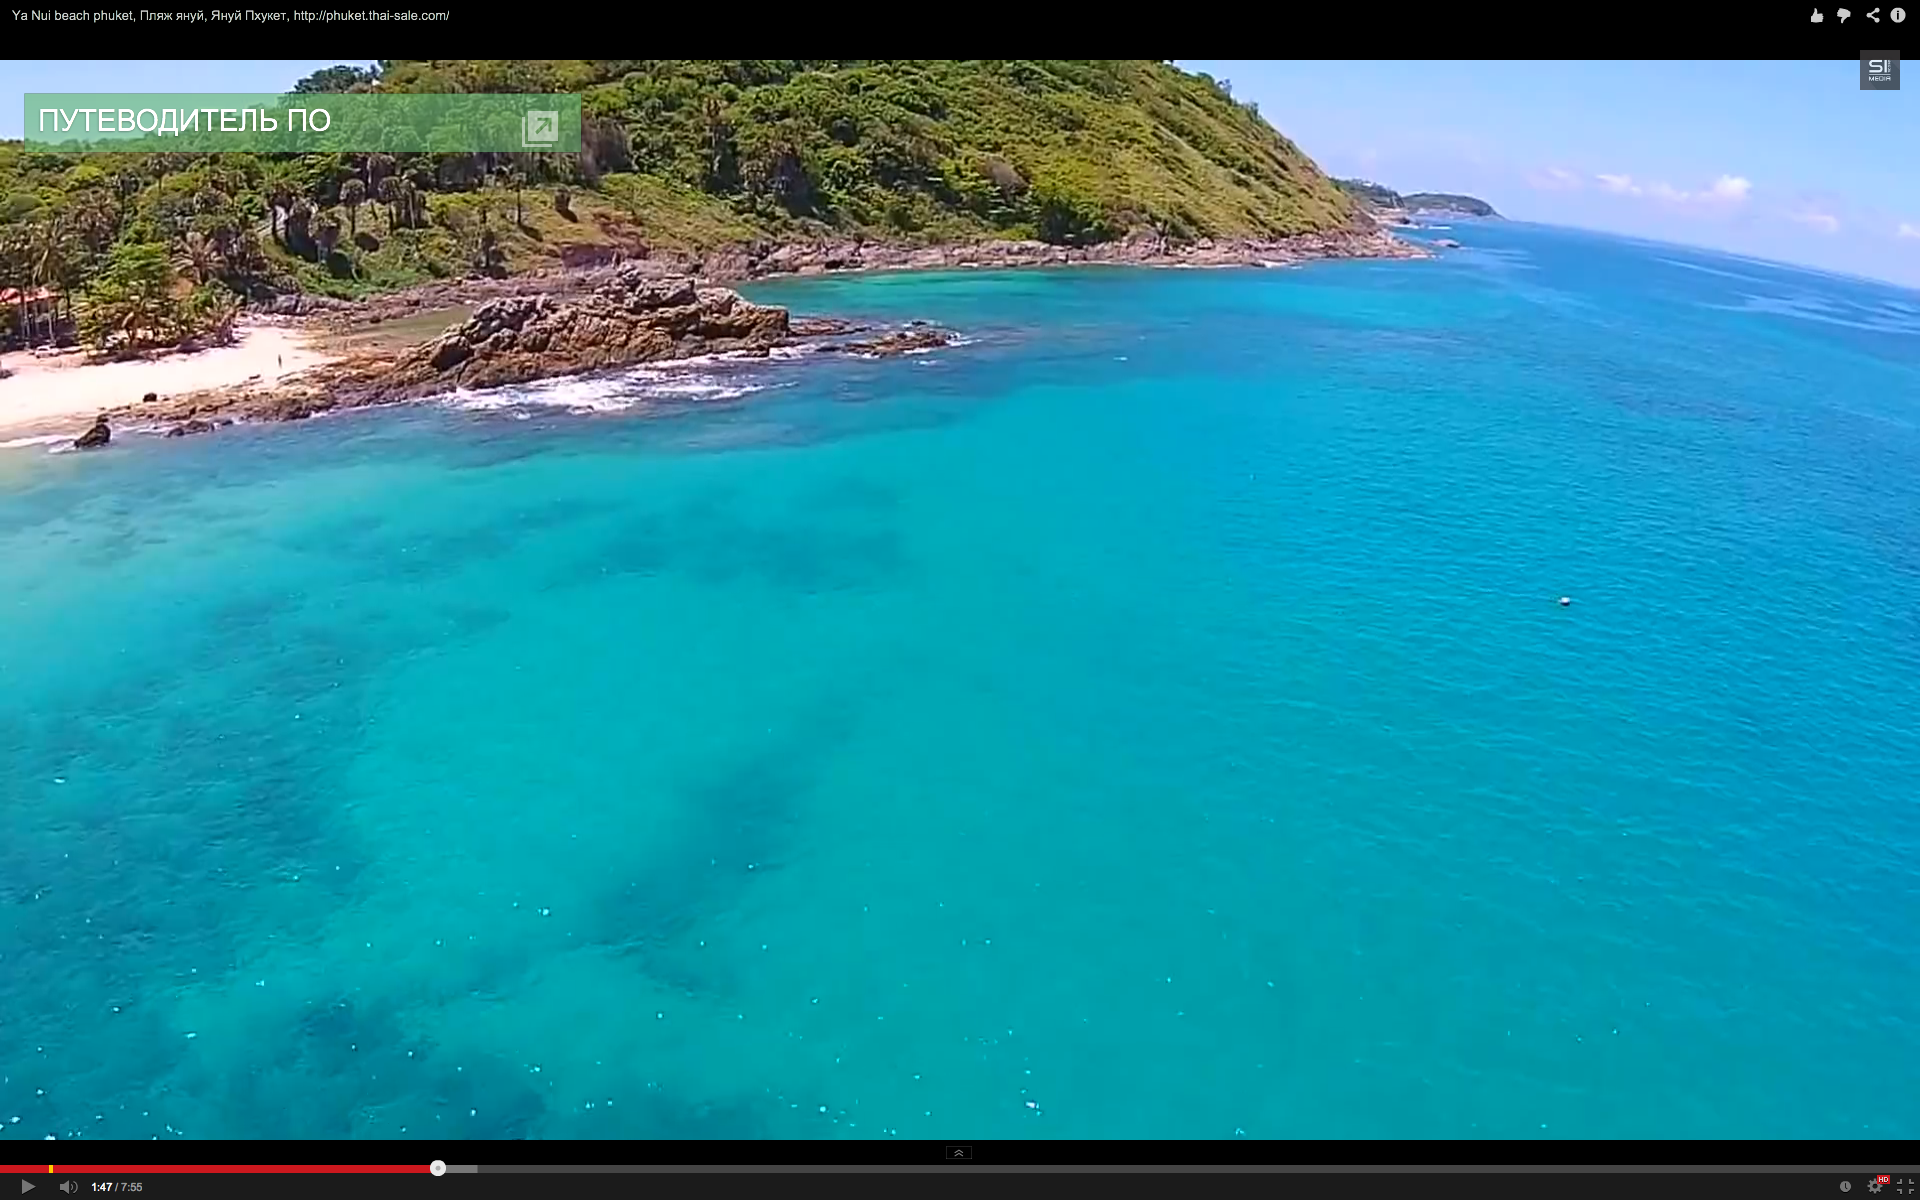 Vídeo Ya Nui Phuket Beach, praia Yanuy, Yanuy Phuket